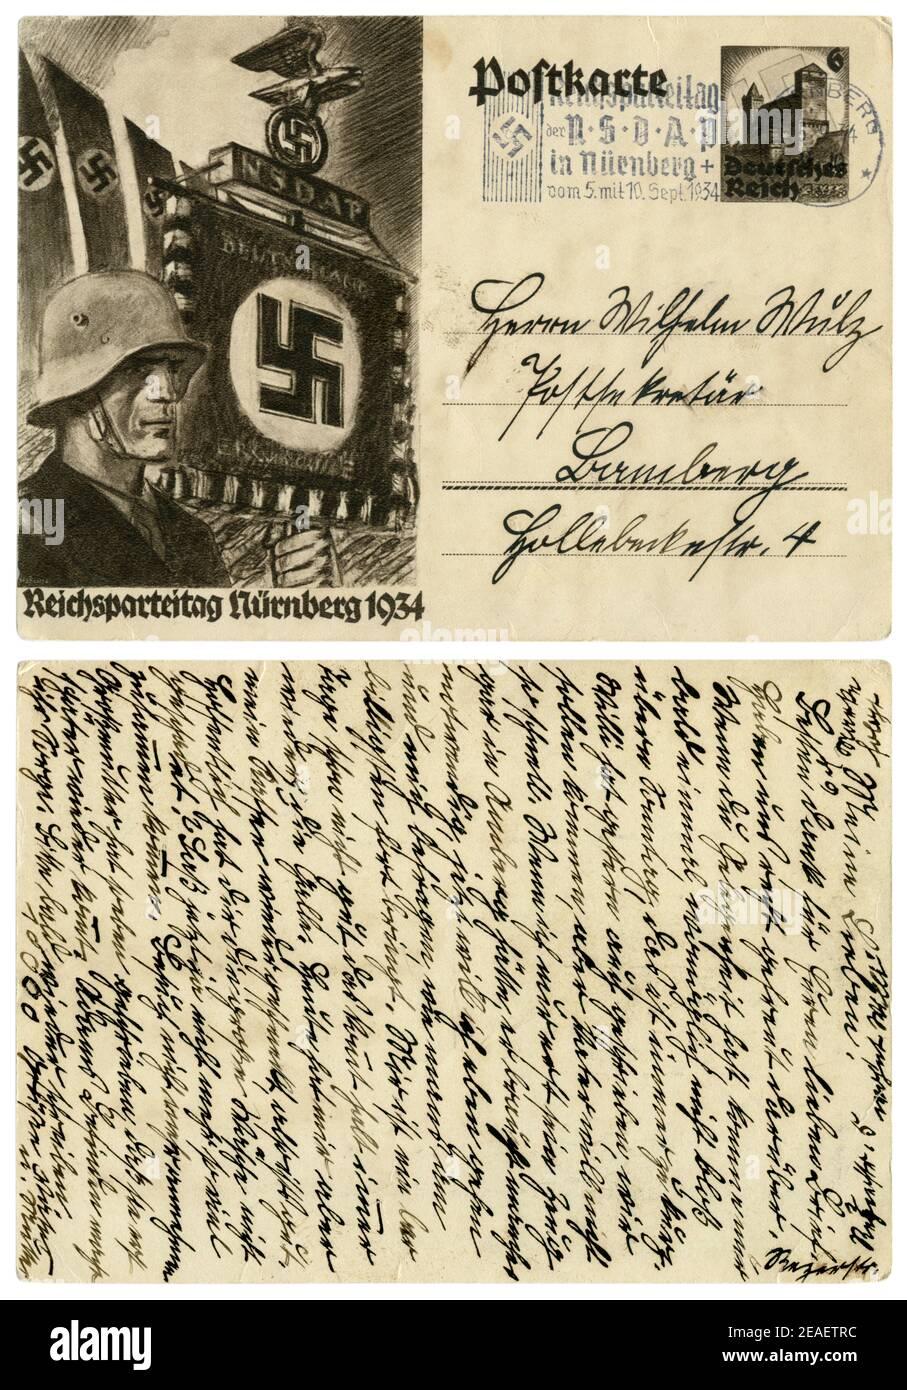 Carte postale historique allemand: le 6e congrès du NSDAP à Nuremberg en 1934, SS-étendard dans un casque d'acier. L'Allemagne, Troisième Reich Banque D'Images